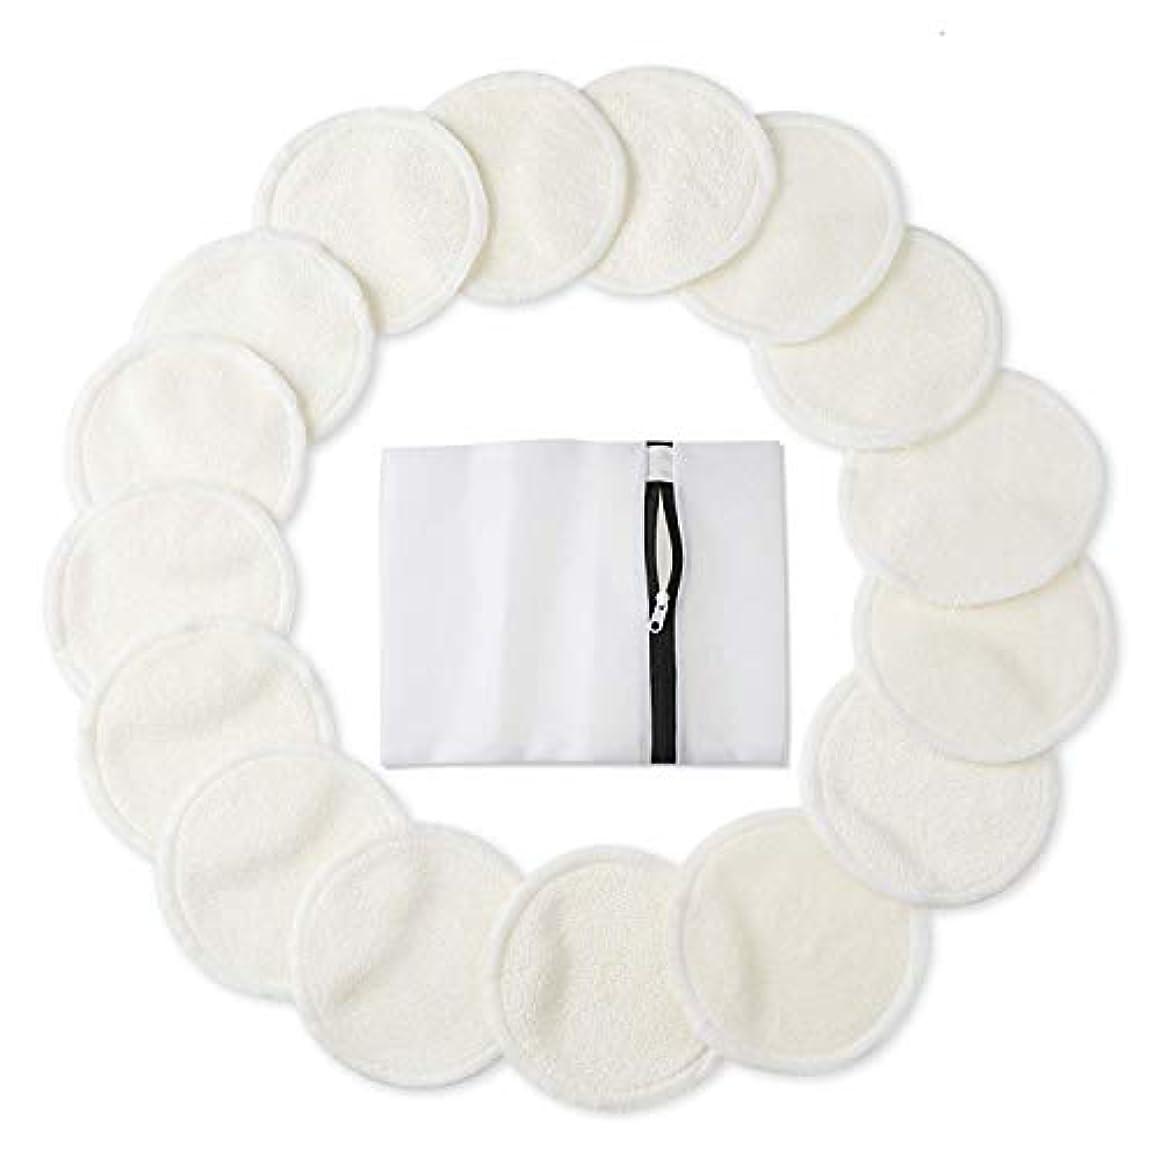 惨めな特徴シンボルPhogary 竹 メイクアップリムーバーパッドアイメイク削除顔用ランドリーバッグ洗える洗顔布で再利用可能な有機竹コットンラウンドワイプ3.15 2層